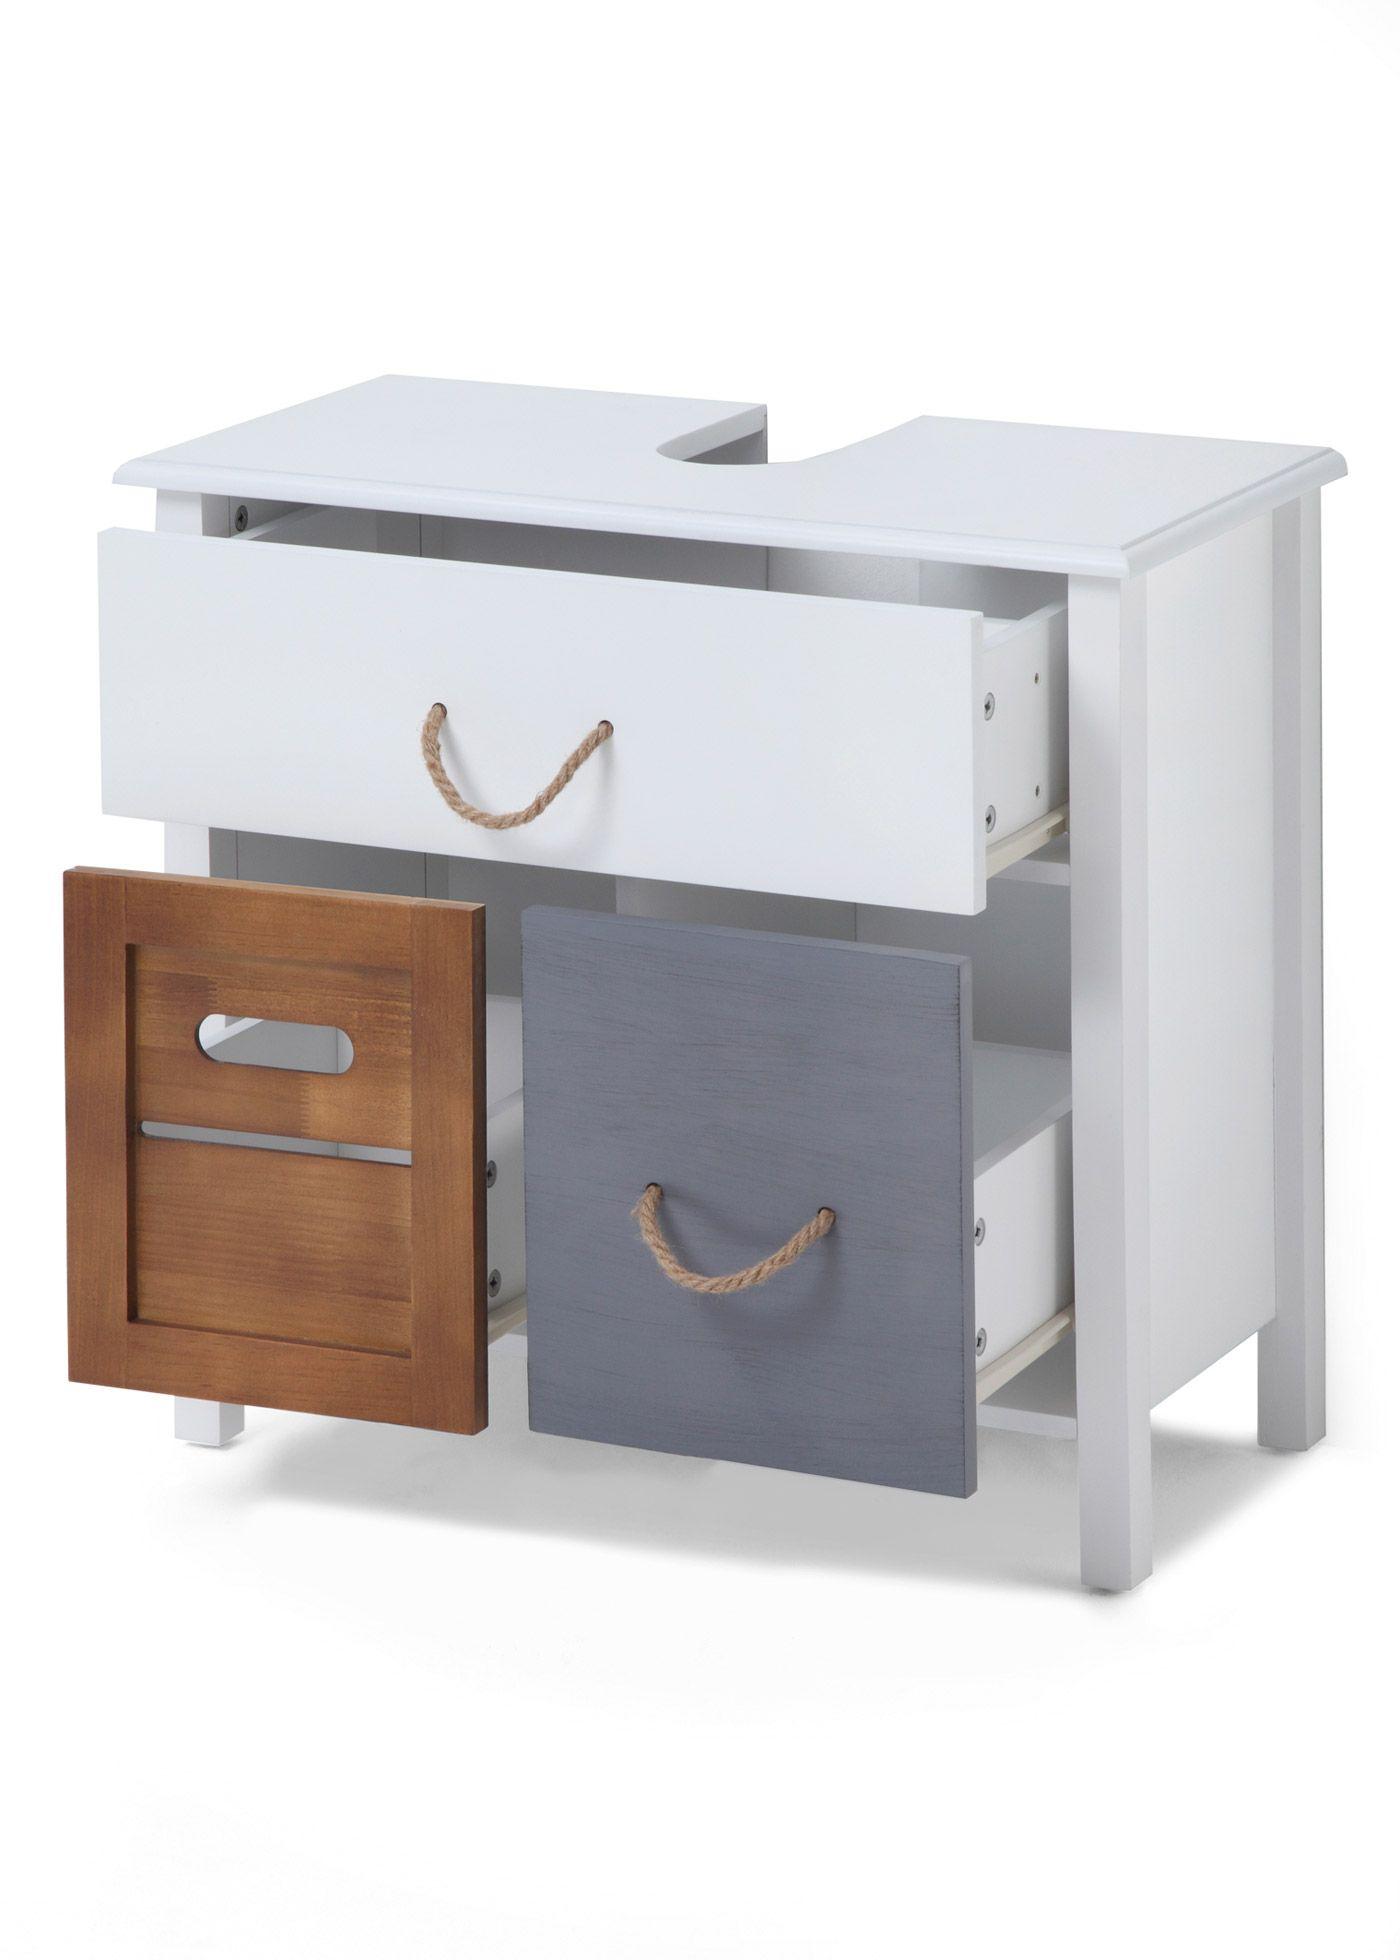 Jetzt Anschauen Ausgefallener Waschbeckenunterschrank Mit Moderner Front Mit 1 S Waschbeckenunterschrank Badezimmer Unterschrank Badezimmer Unterschrank Holz